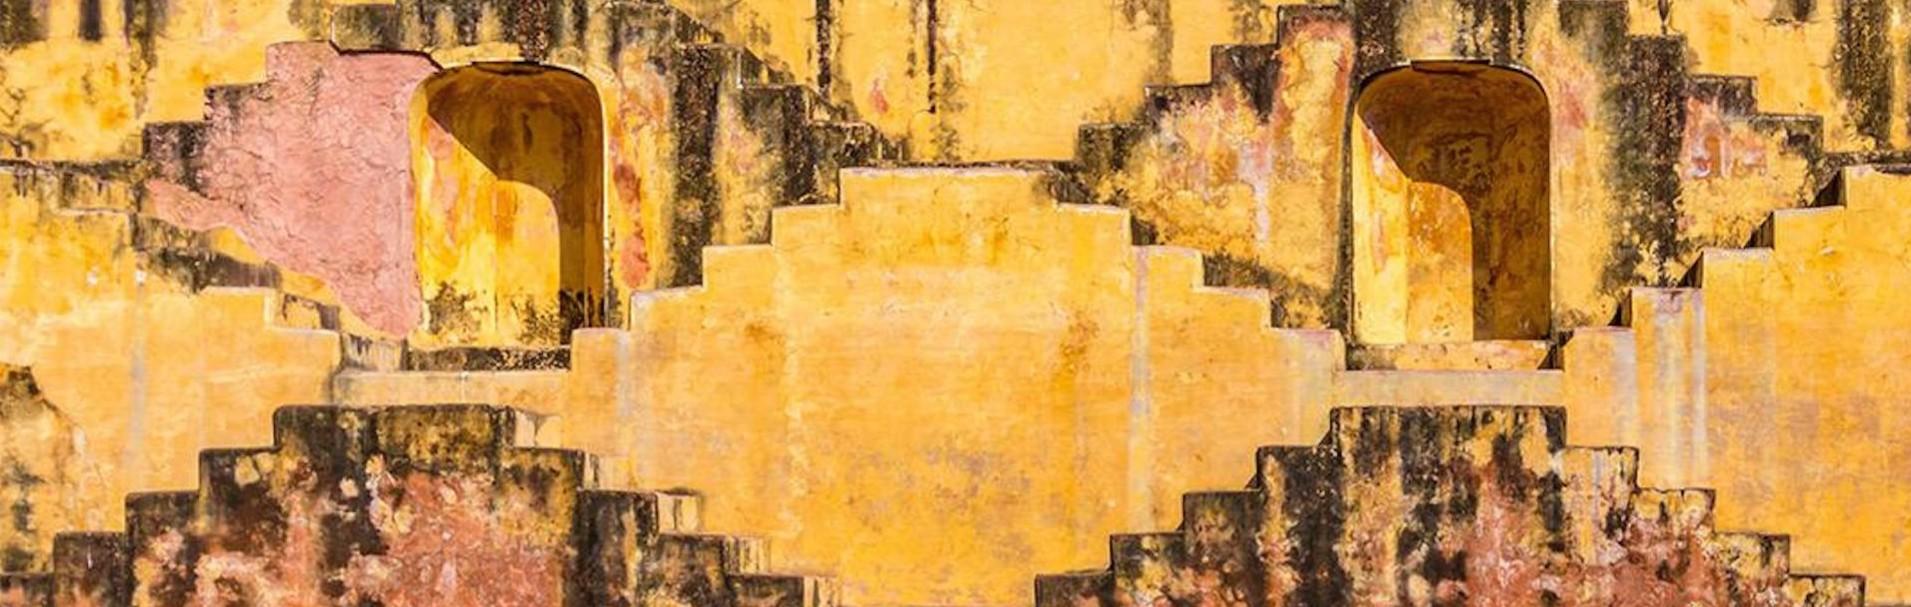 mur de couleur jaune